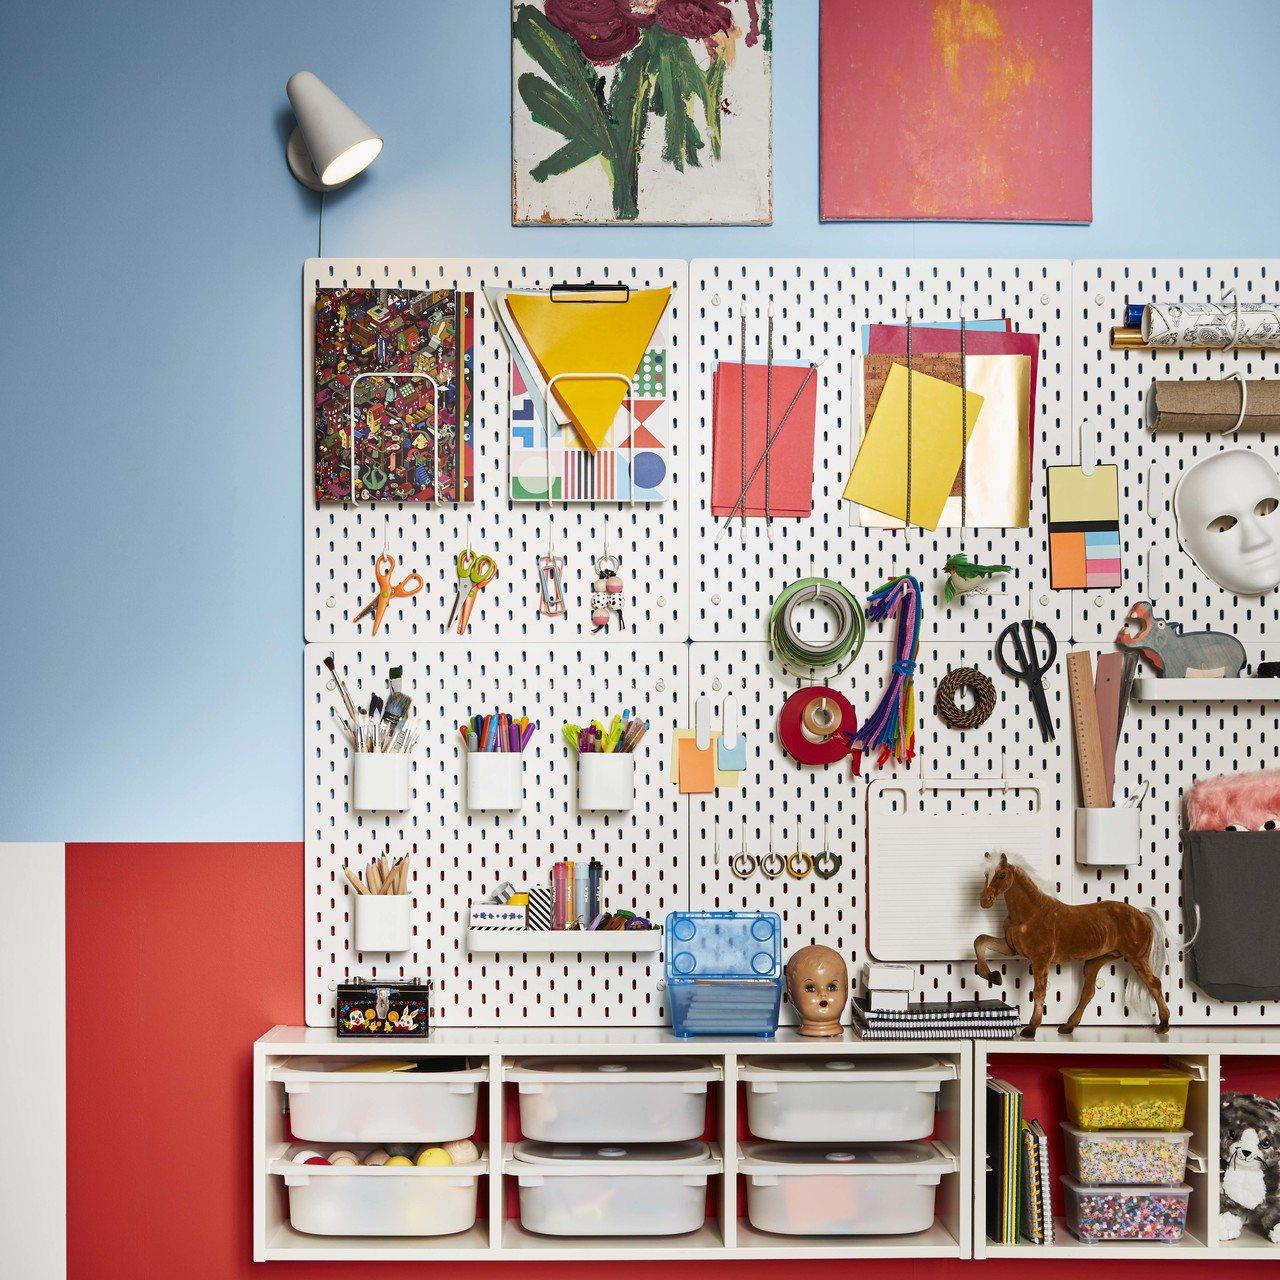 SKÅDIS收納壁板(白色),原價690元、再創低價599元。圖/IKEA提供